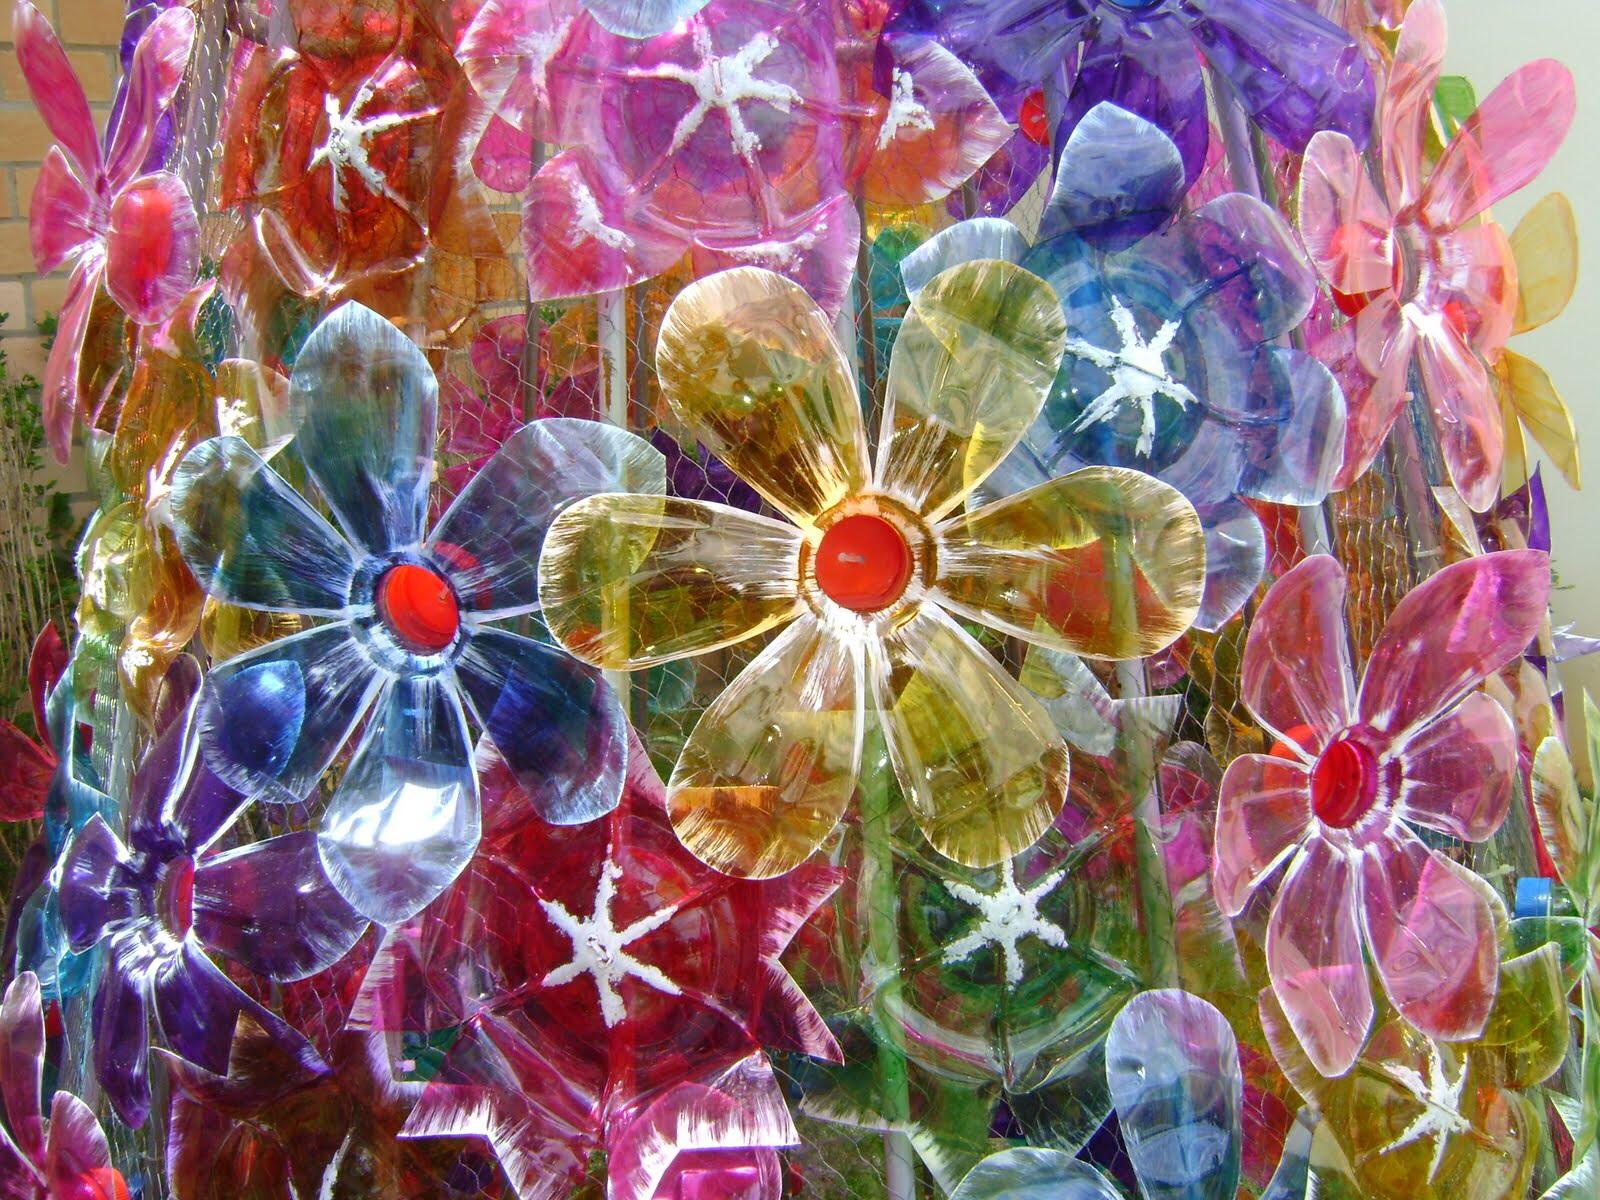 7 dicas para reaproveitar materiais na decoração de eventos